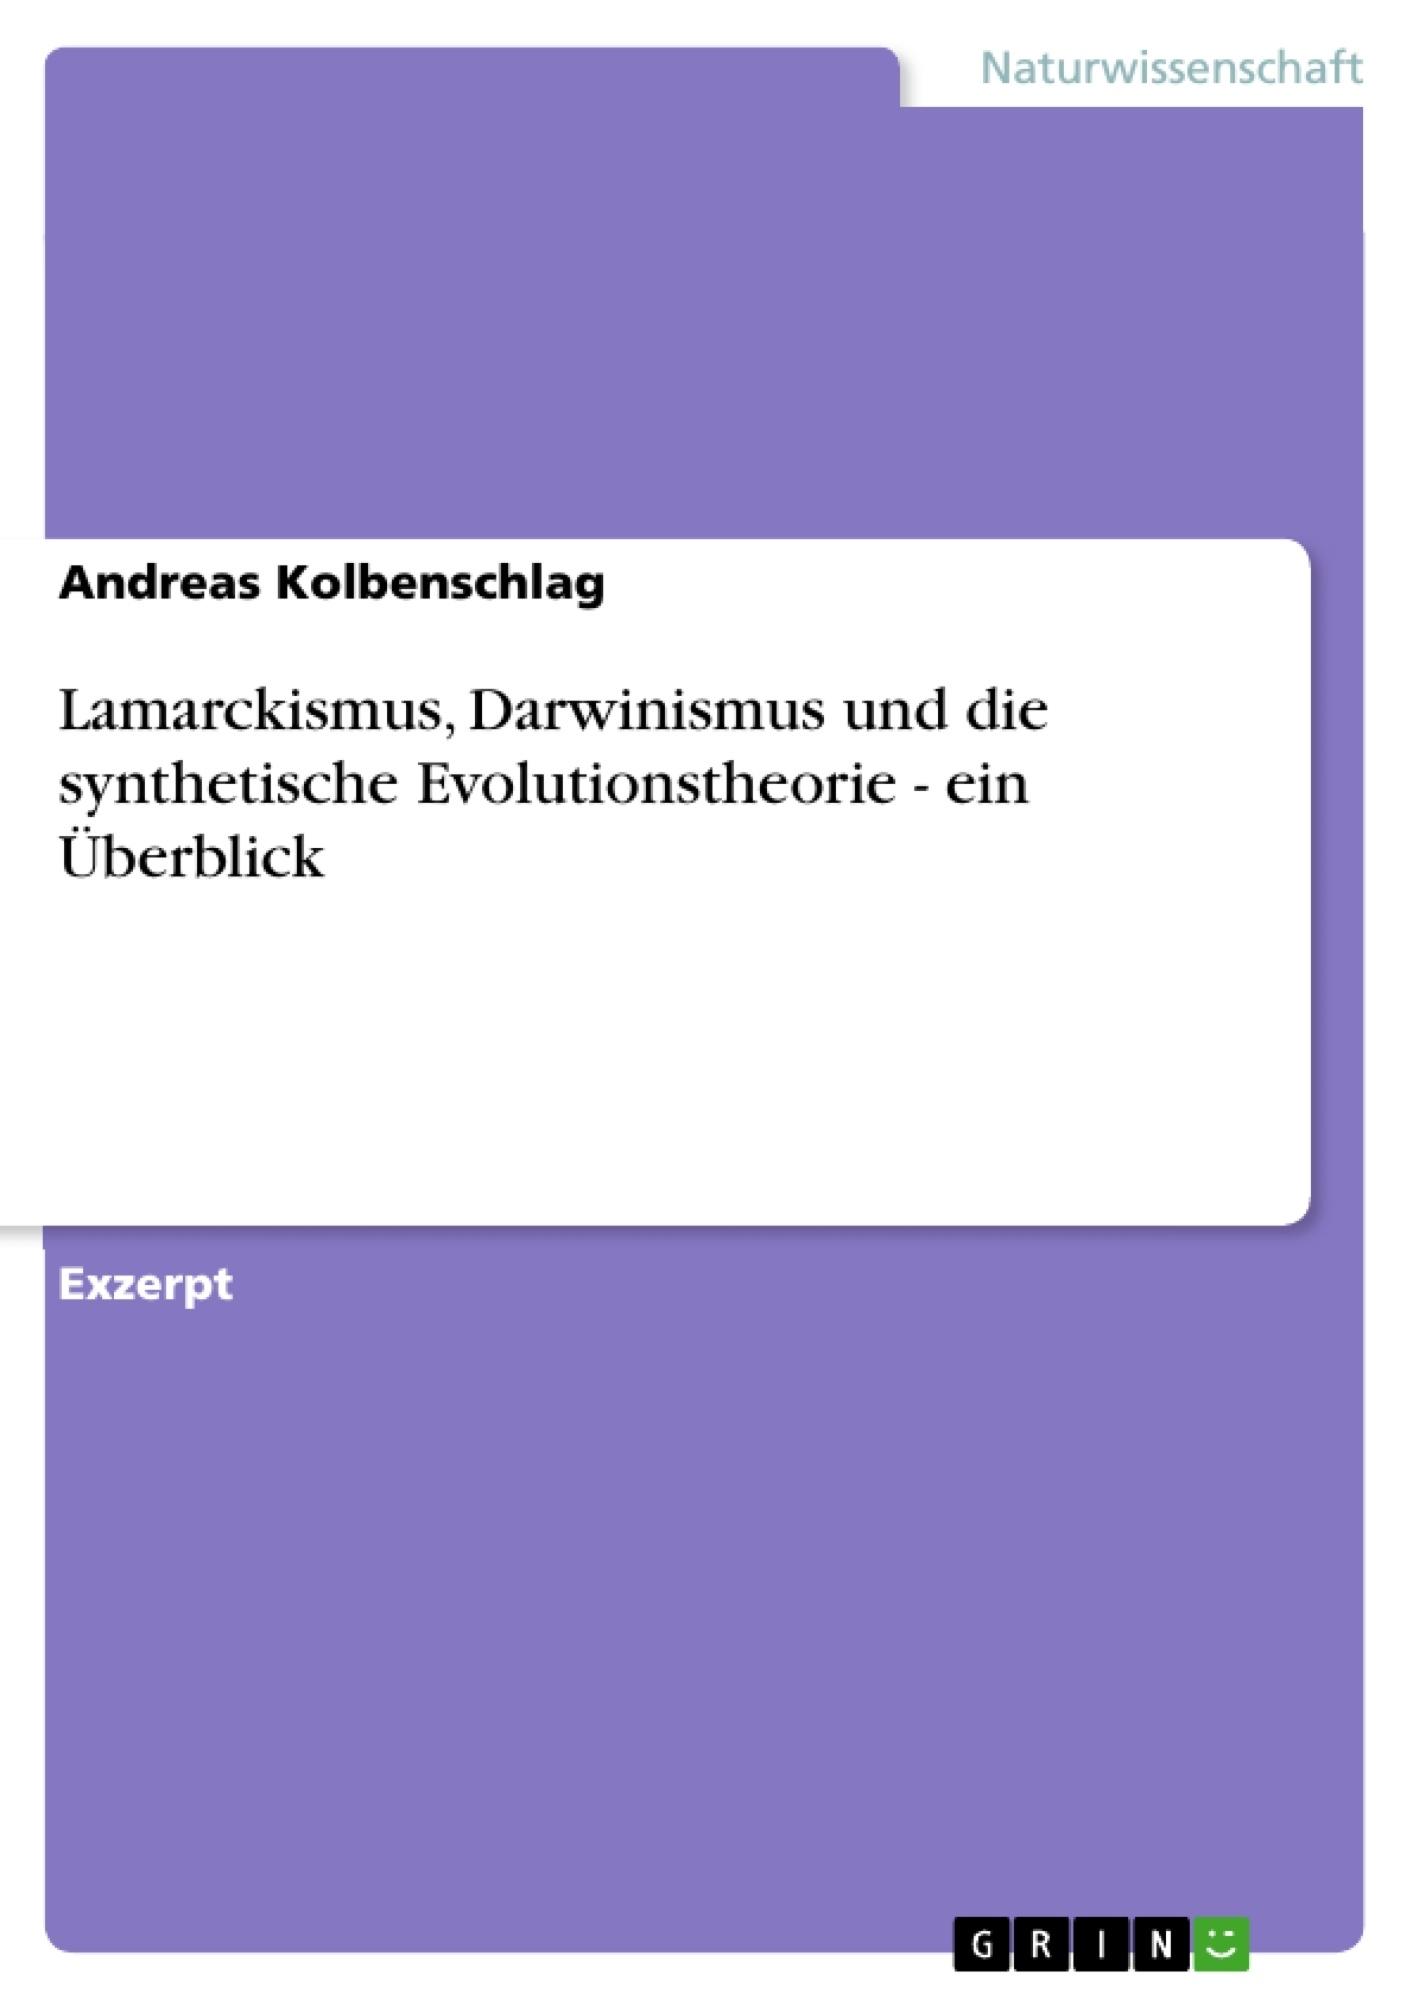 Titel: Lamarckismus, Darwinismus und die synthetische Evolutionstheorie - ein Überblick